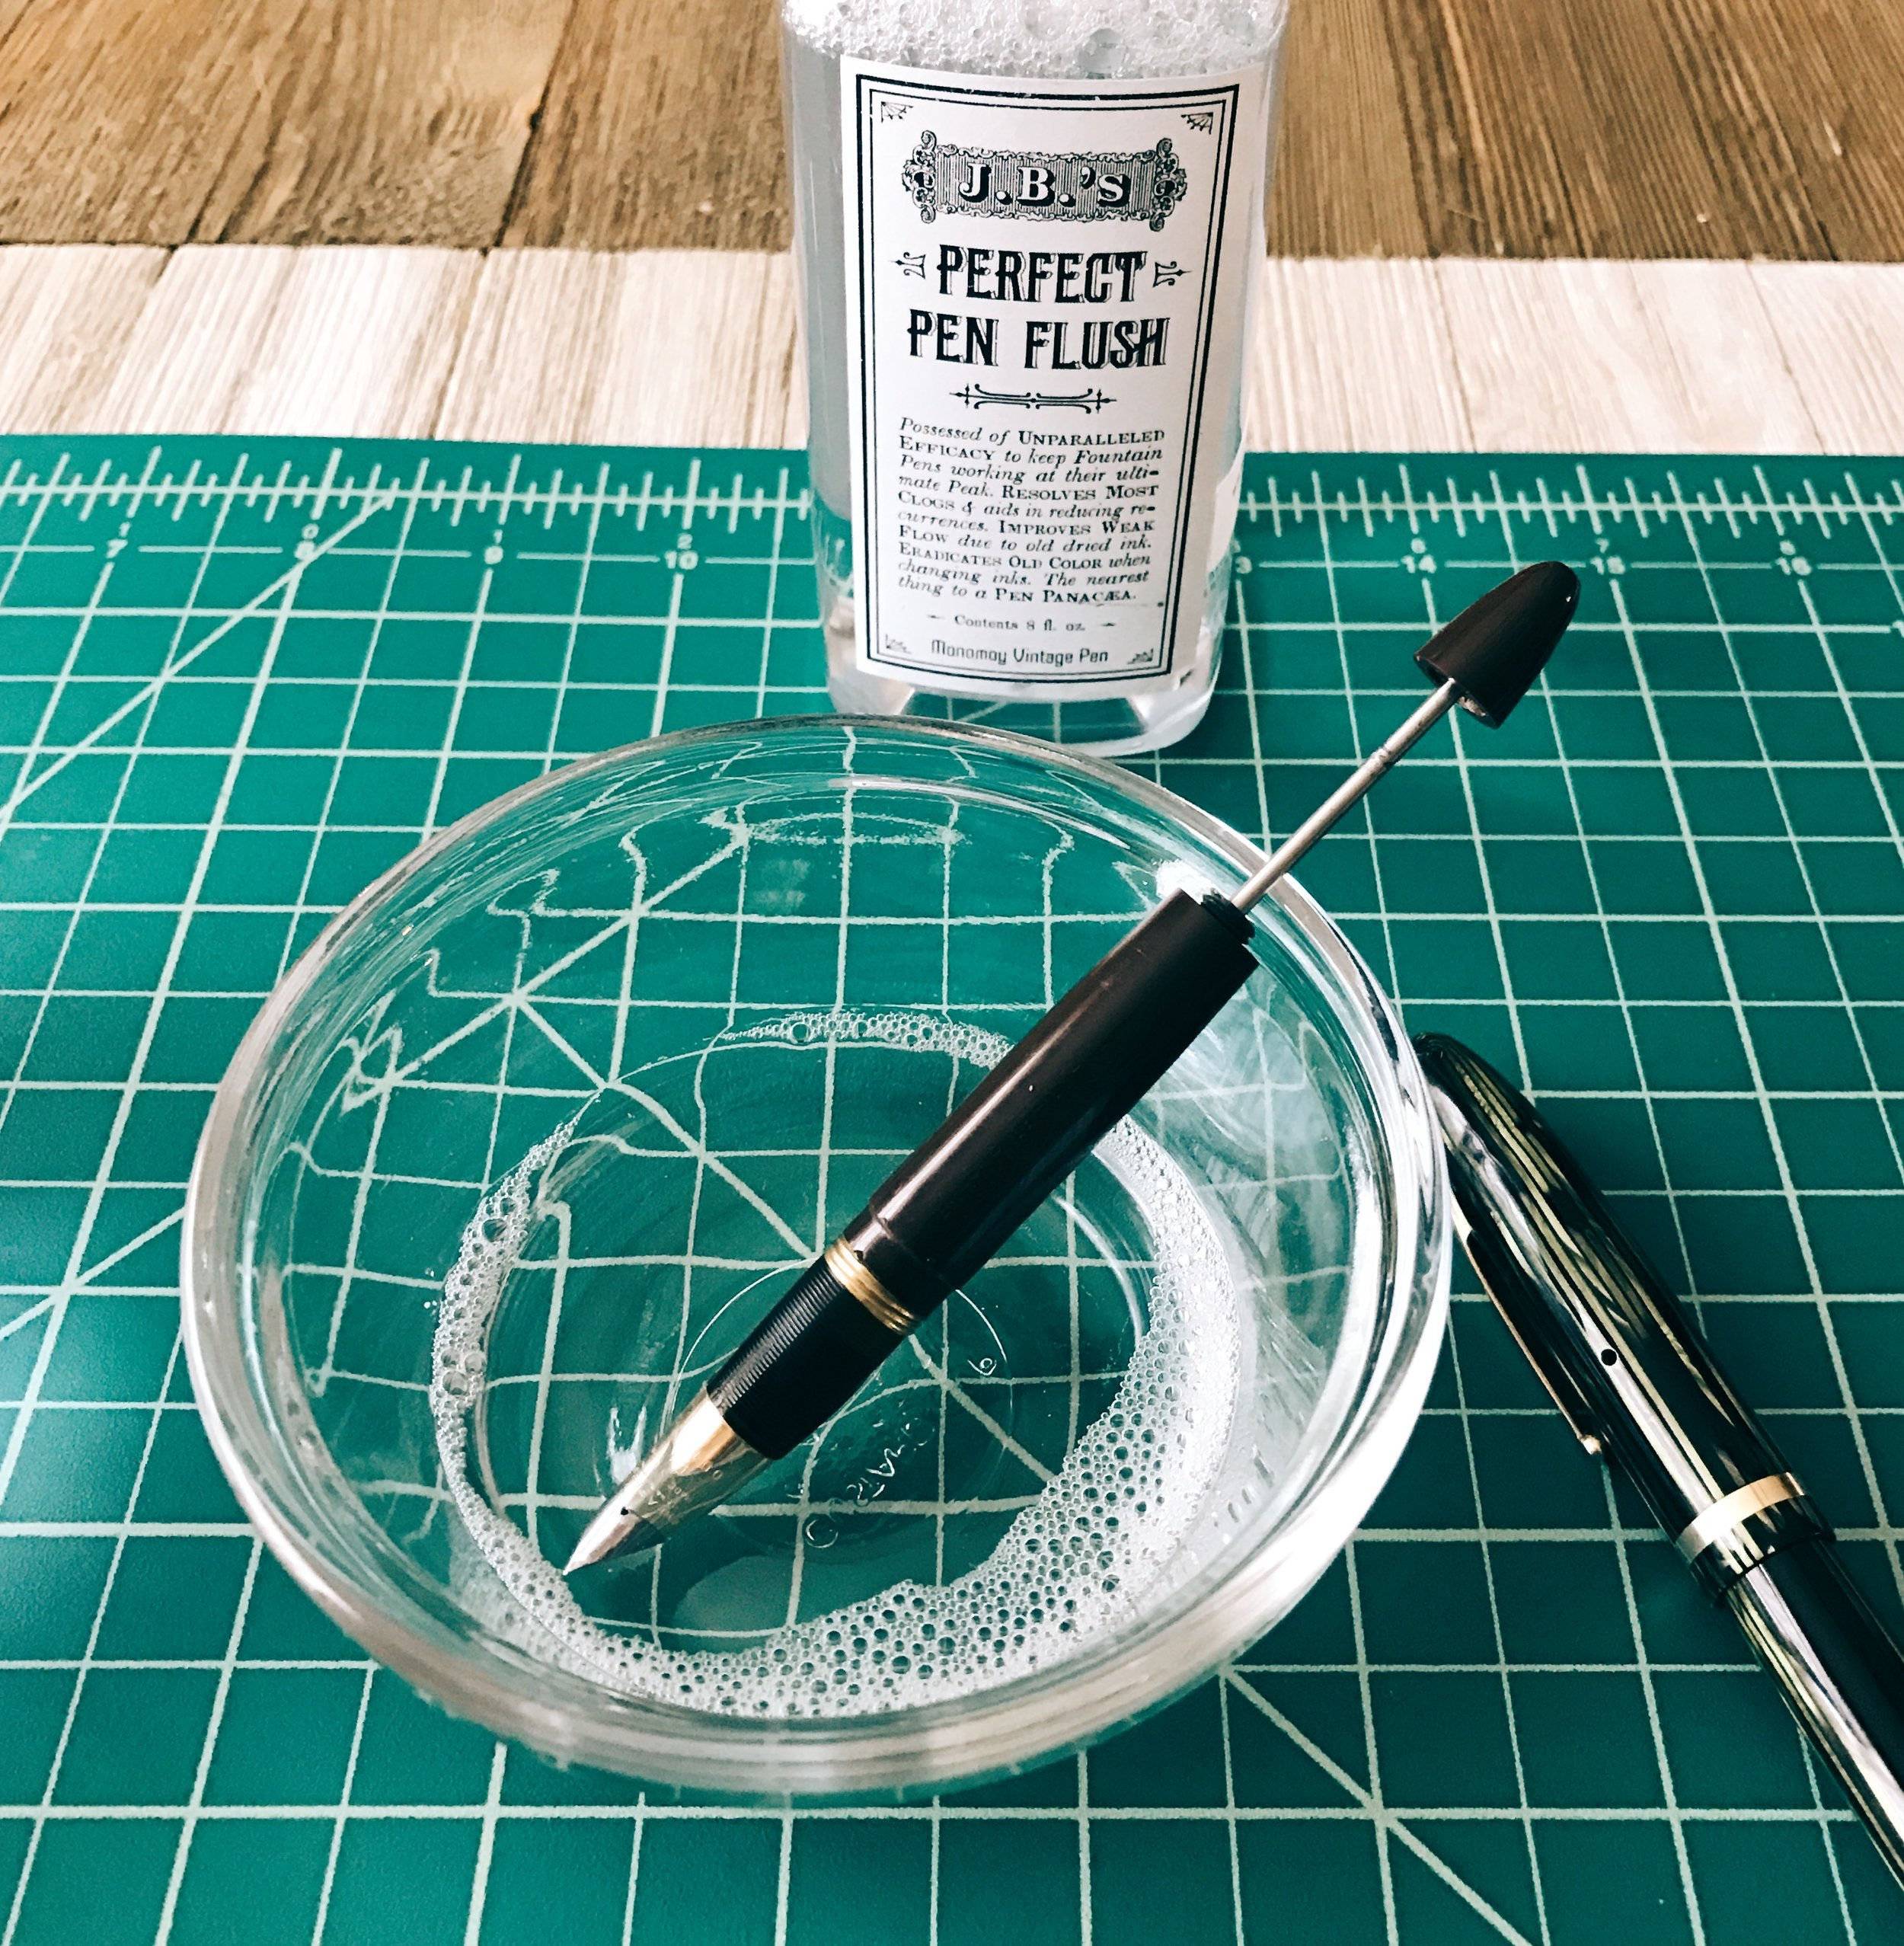 Flushing with J.B.'s Pen Flush